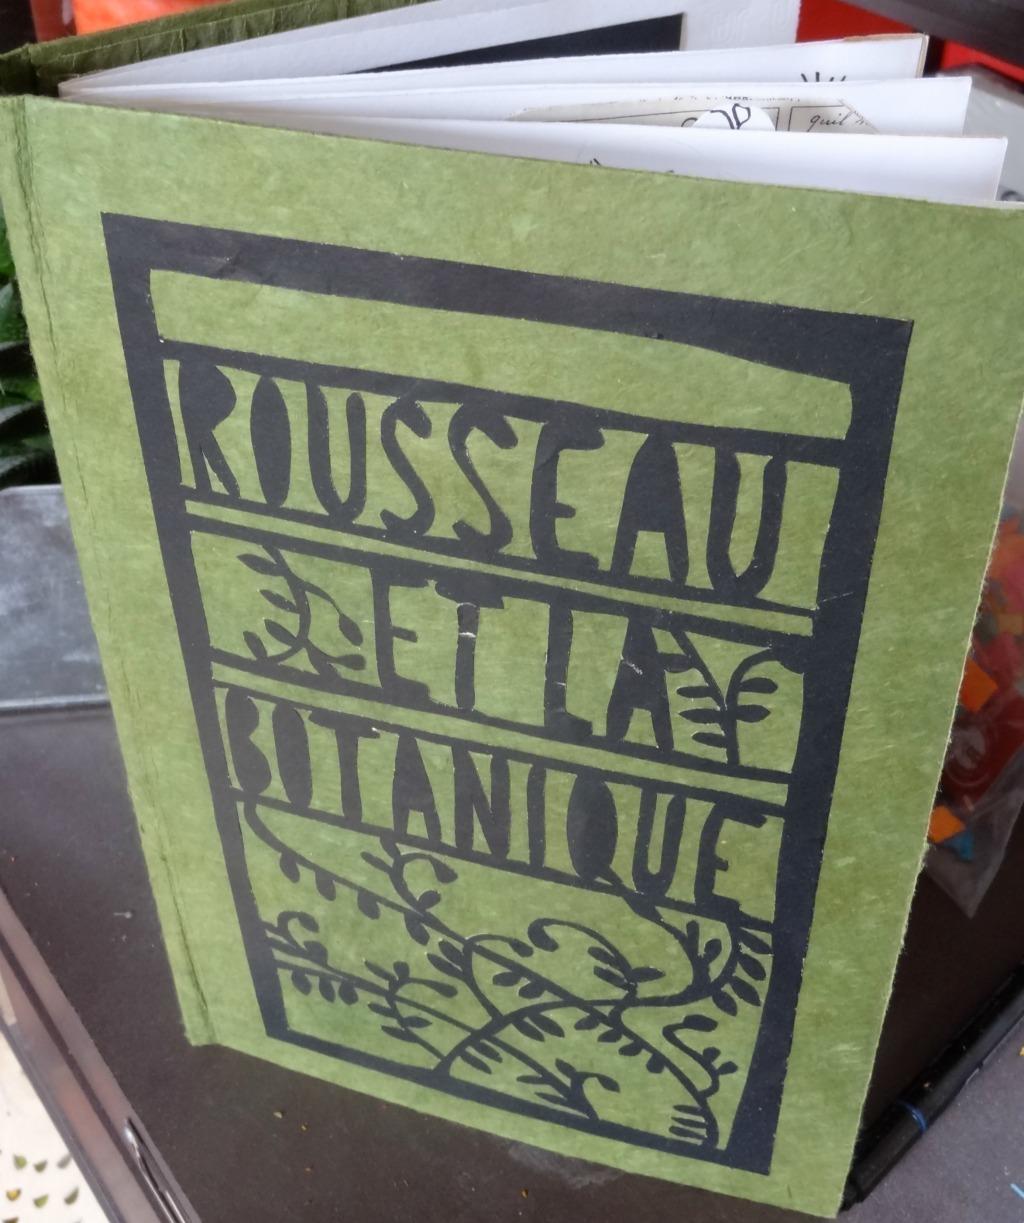 Rousseau et la botanique